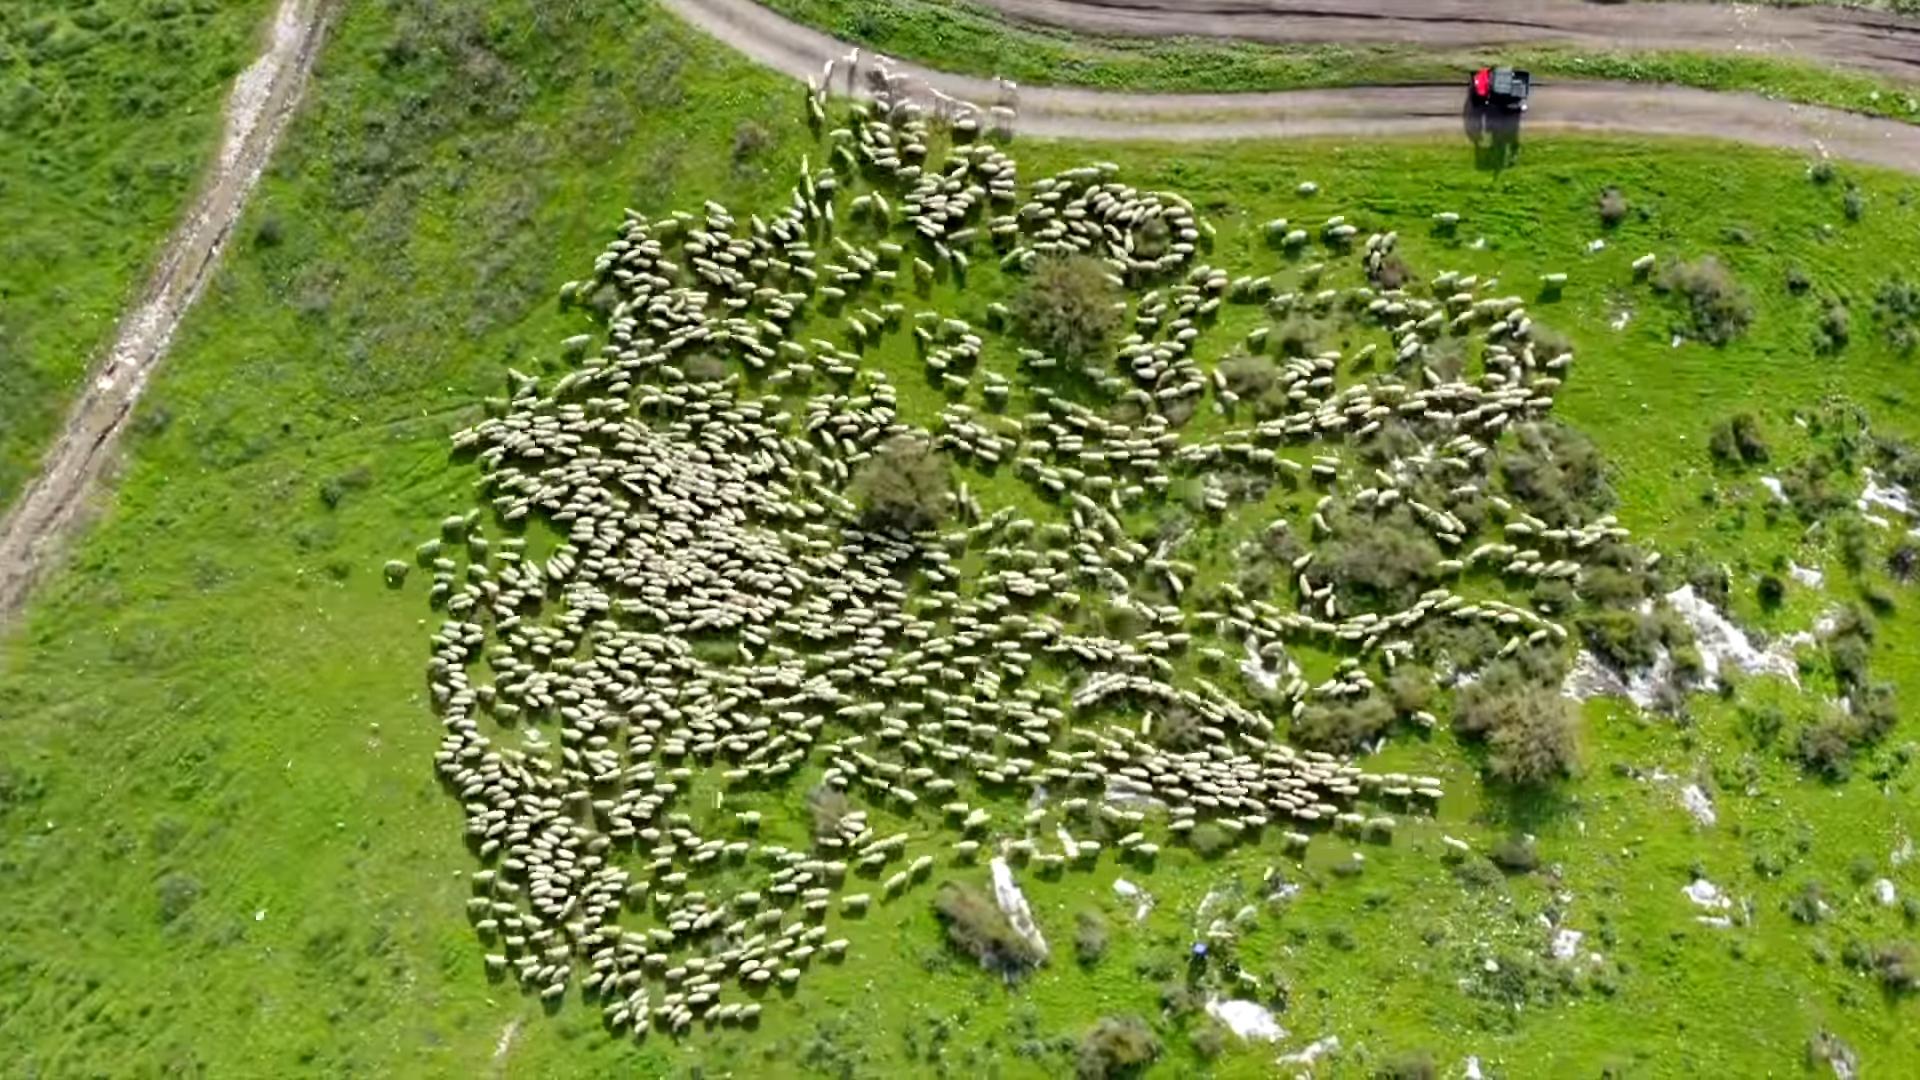 Видео дня. Израильский фотограф семь месяцев снимал стадо овец с дрона, и вот что получилось